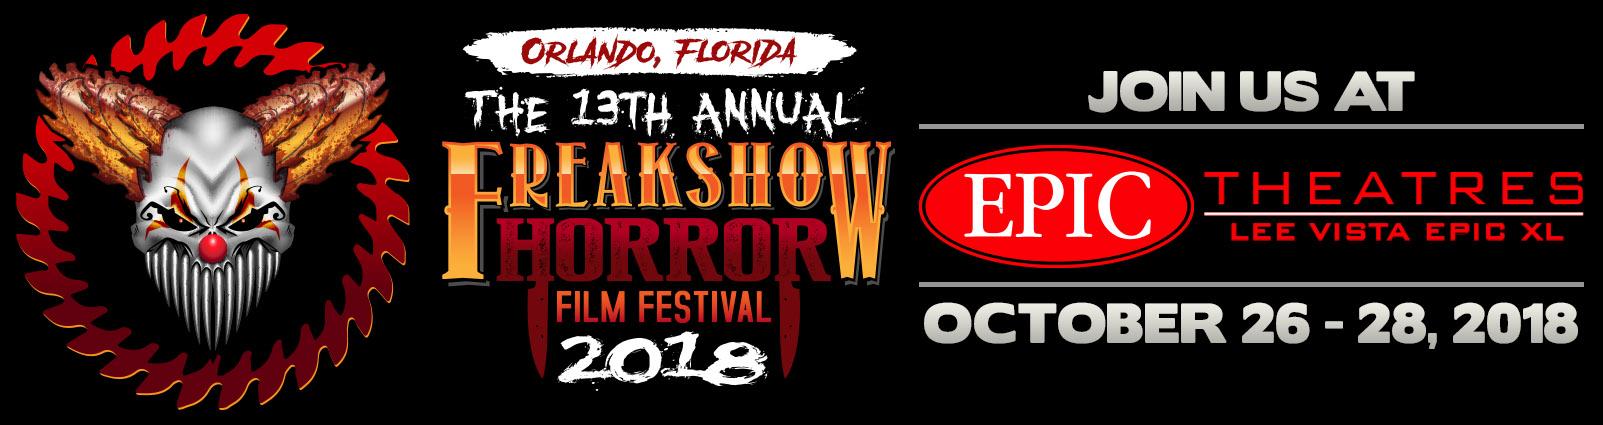 FREAK SHOW Horror Film Festival